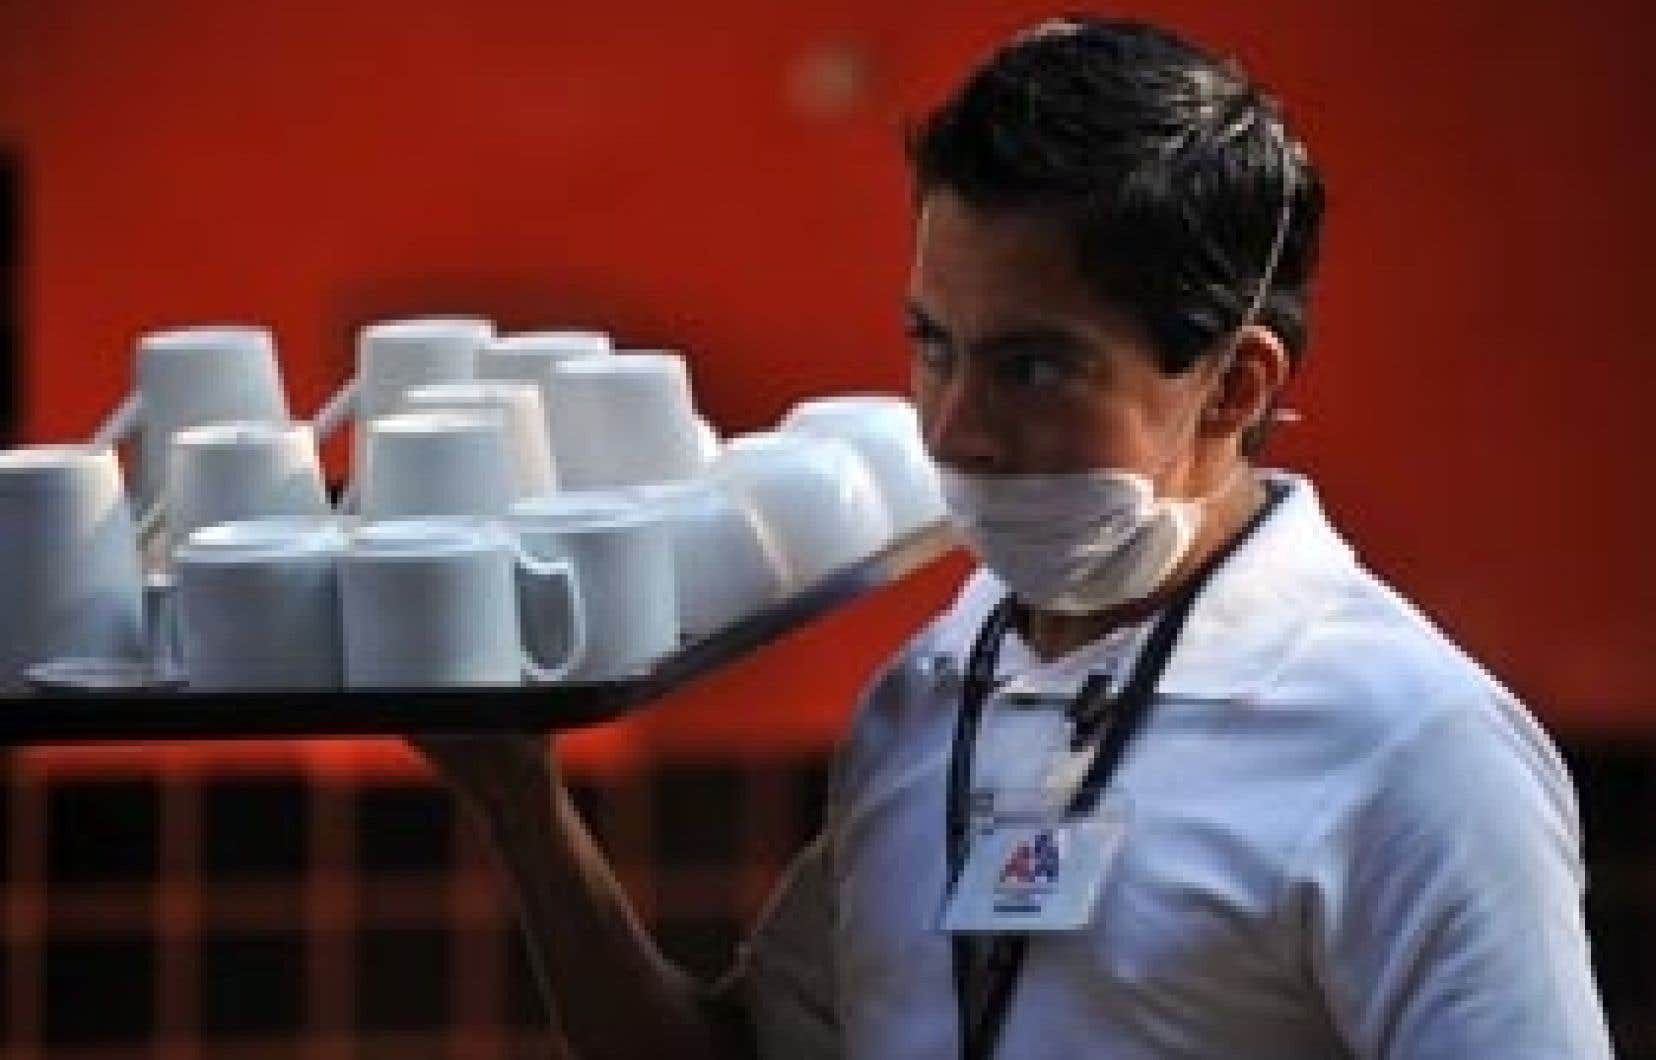 photo eitan abramovich Un garçon de café se prépare à retrouver sa clientèle, à Mexico.